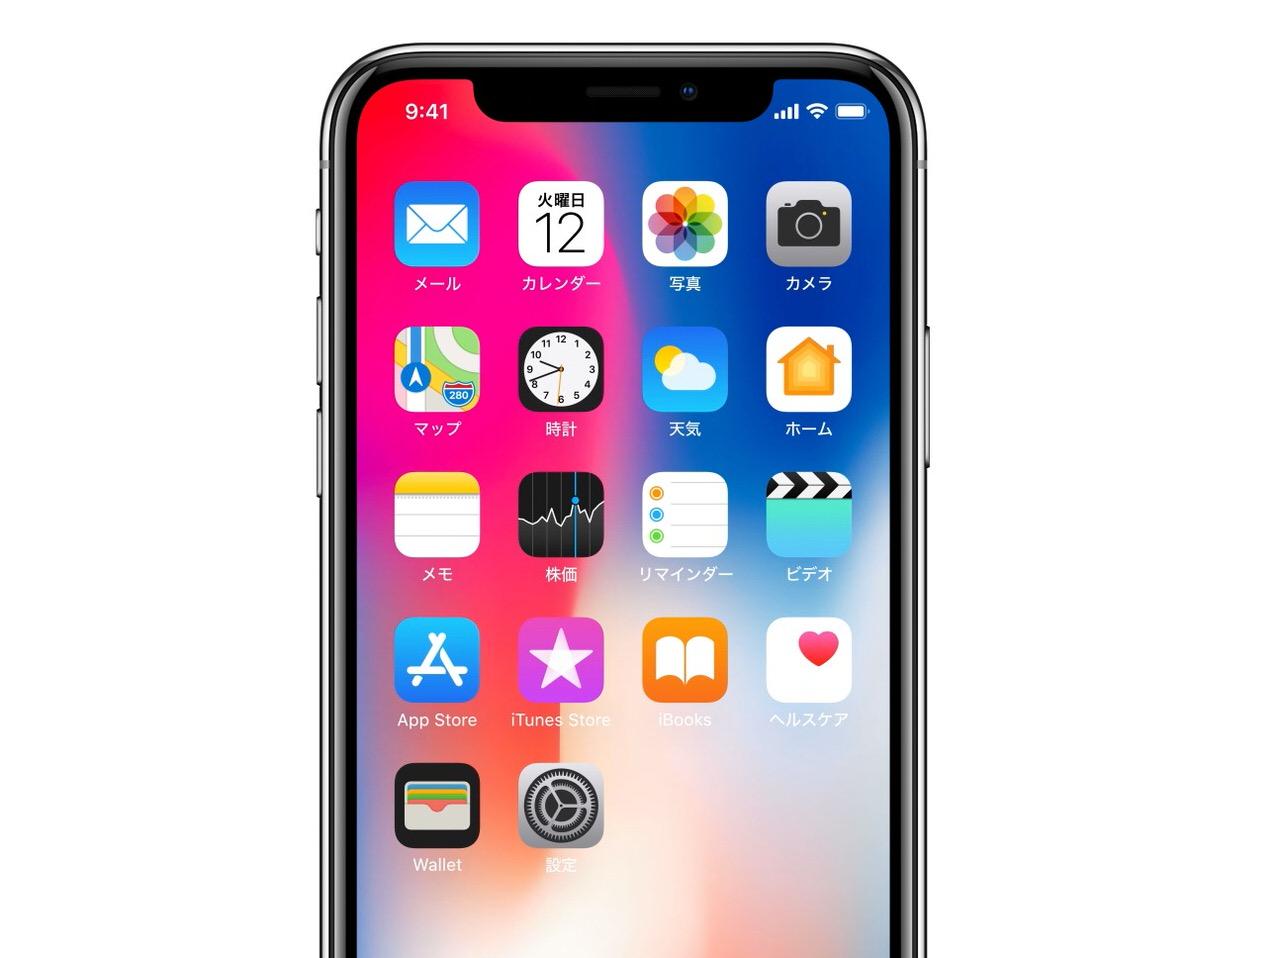 【iPhone X】専用着信音「Reflection」が搭載されていることが明らかに